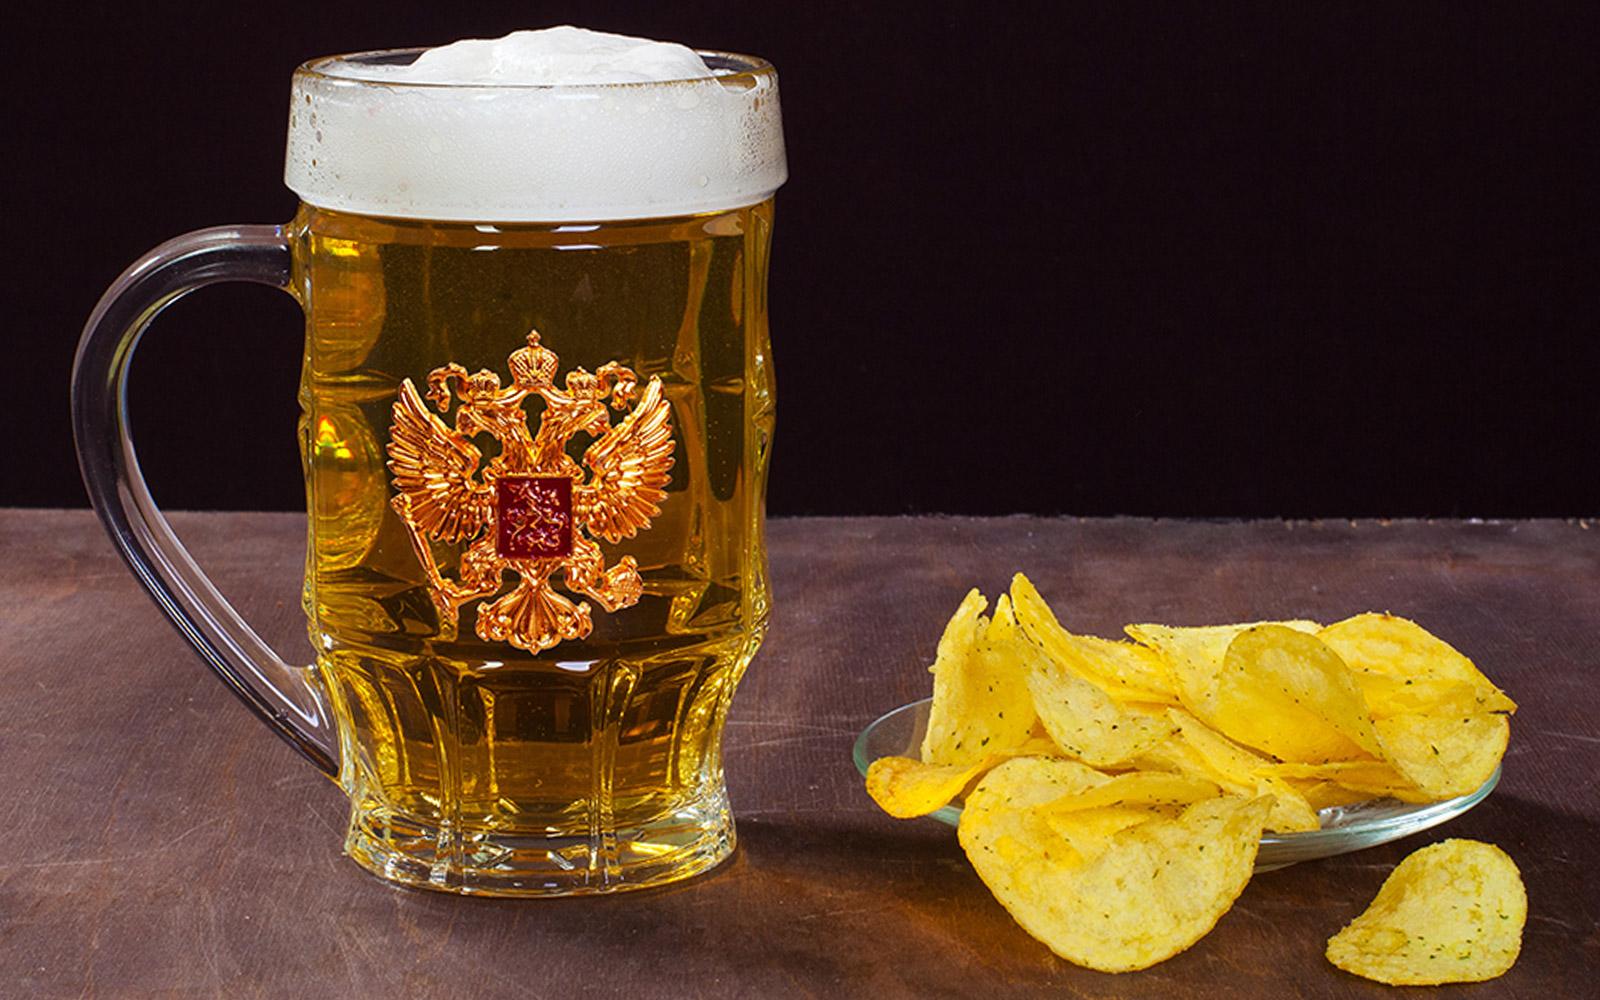 Подарочный пивной бокал с гербом РФ - купить онлайн